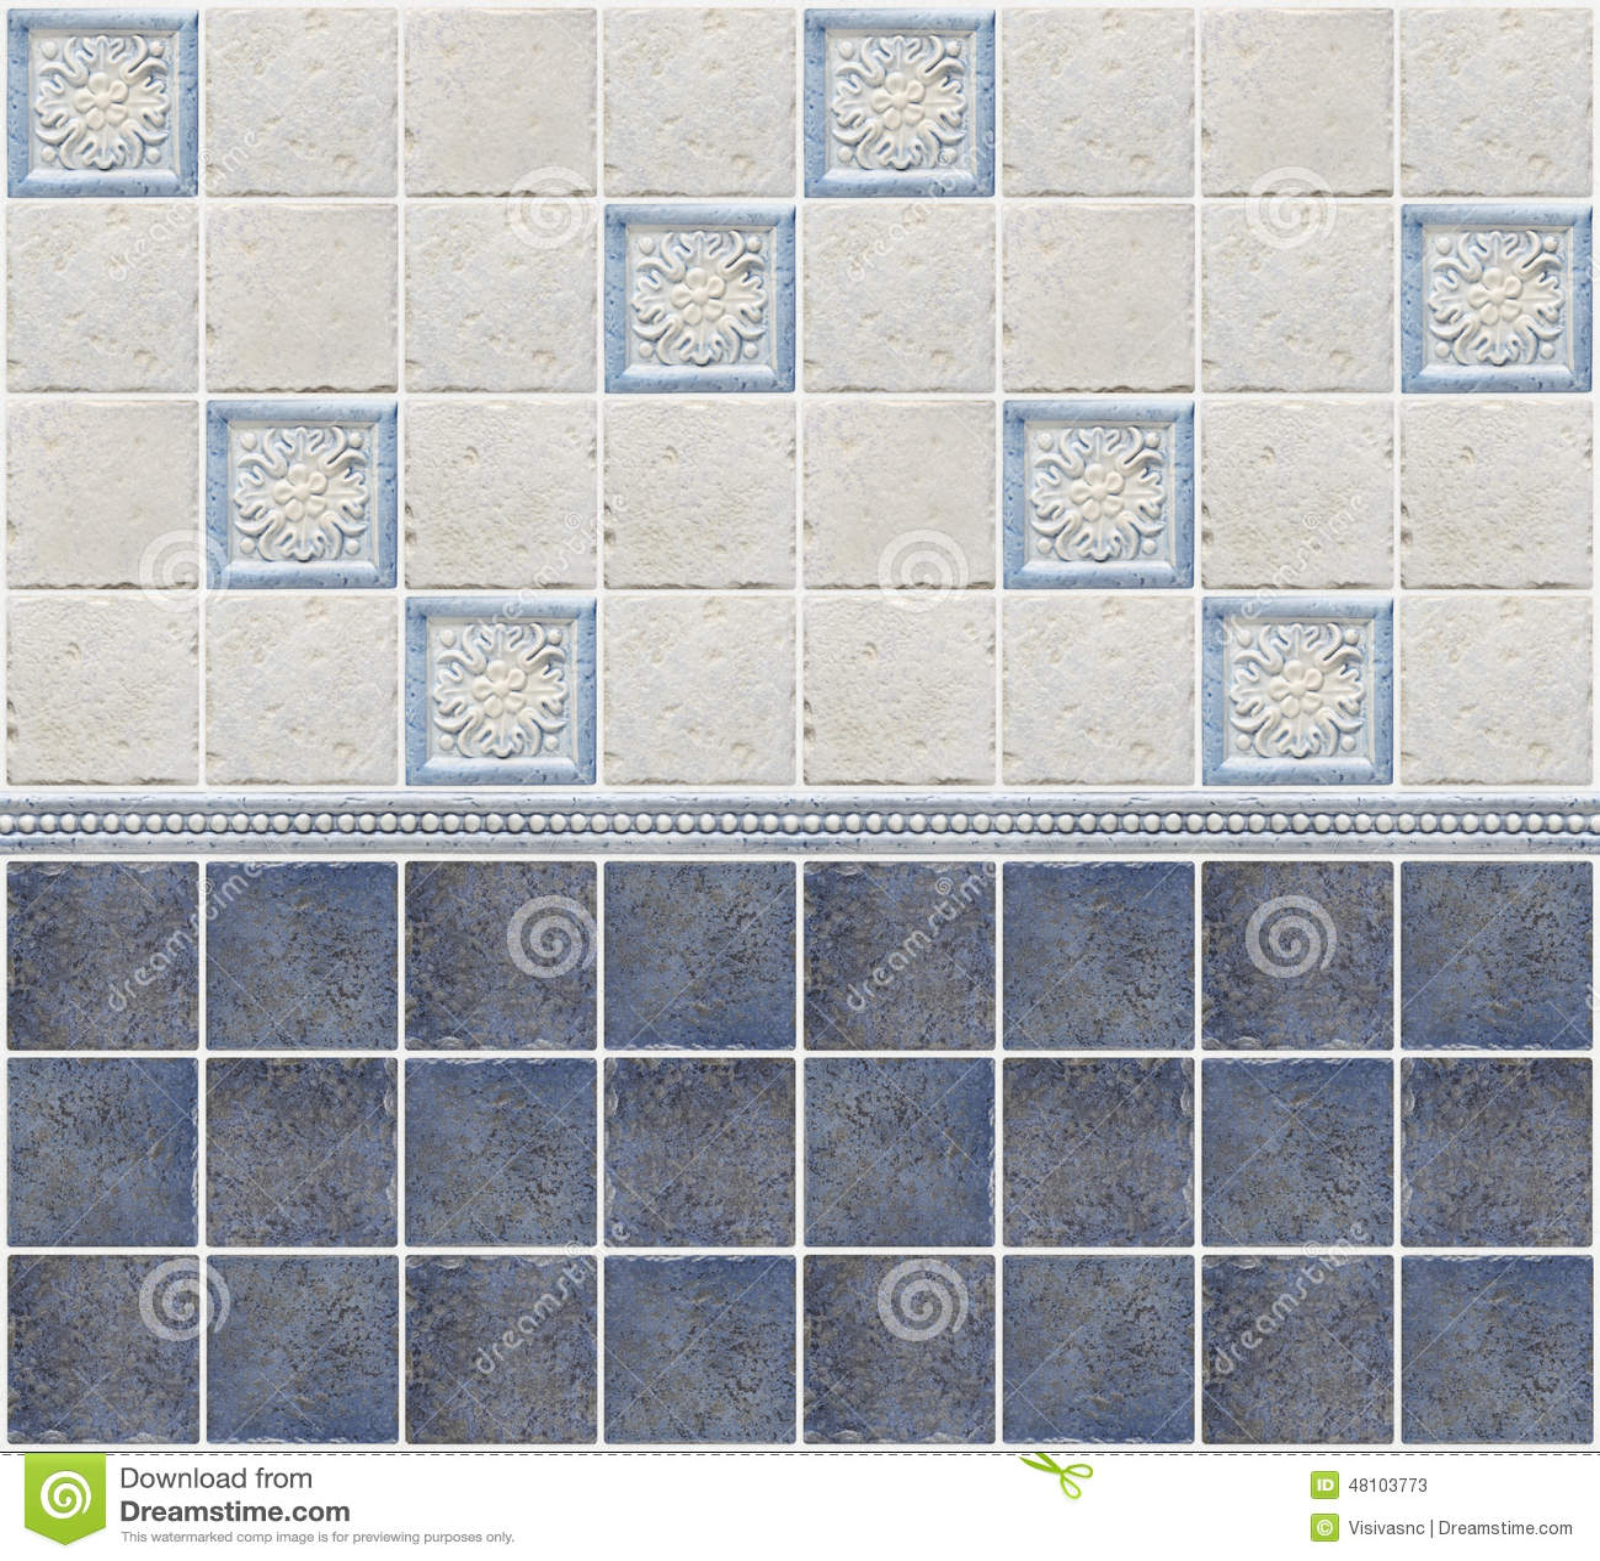 Mattonelle di marmo blu con le decorazioni floreali for Materiale per mattonelle